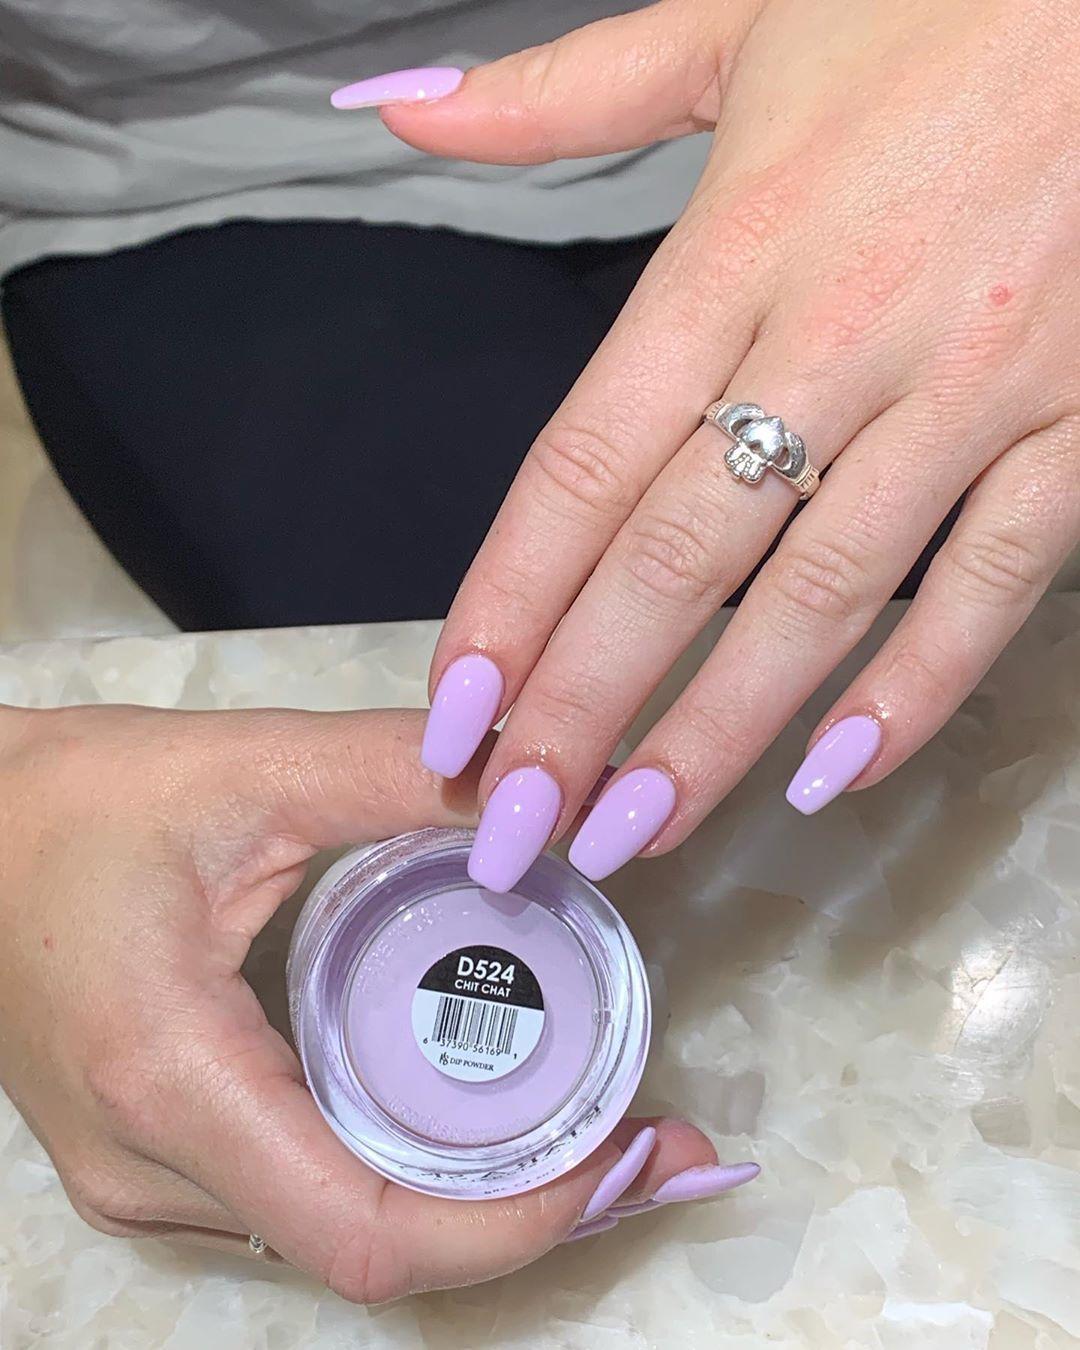 64 Trendy Dip Powder Nail Design Ideas Sns Nail Art Nail Shapes In 2020 Sns Nails Colors Lilac Nails Sns Nails Designs